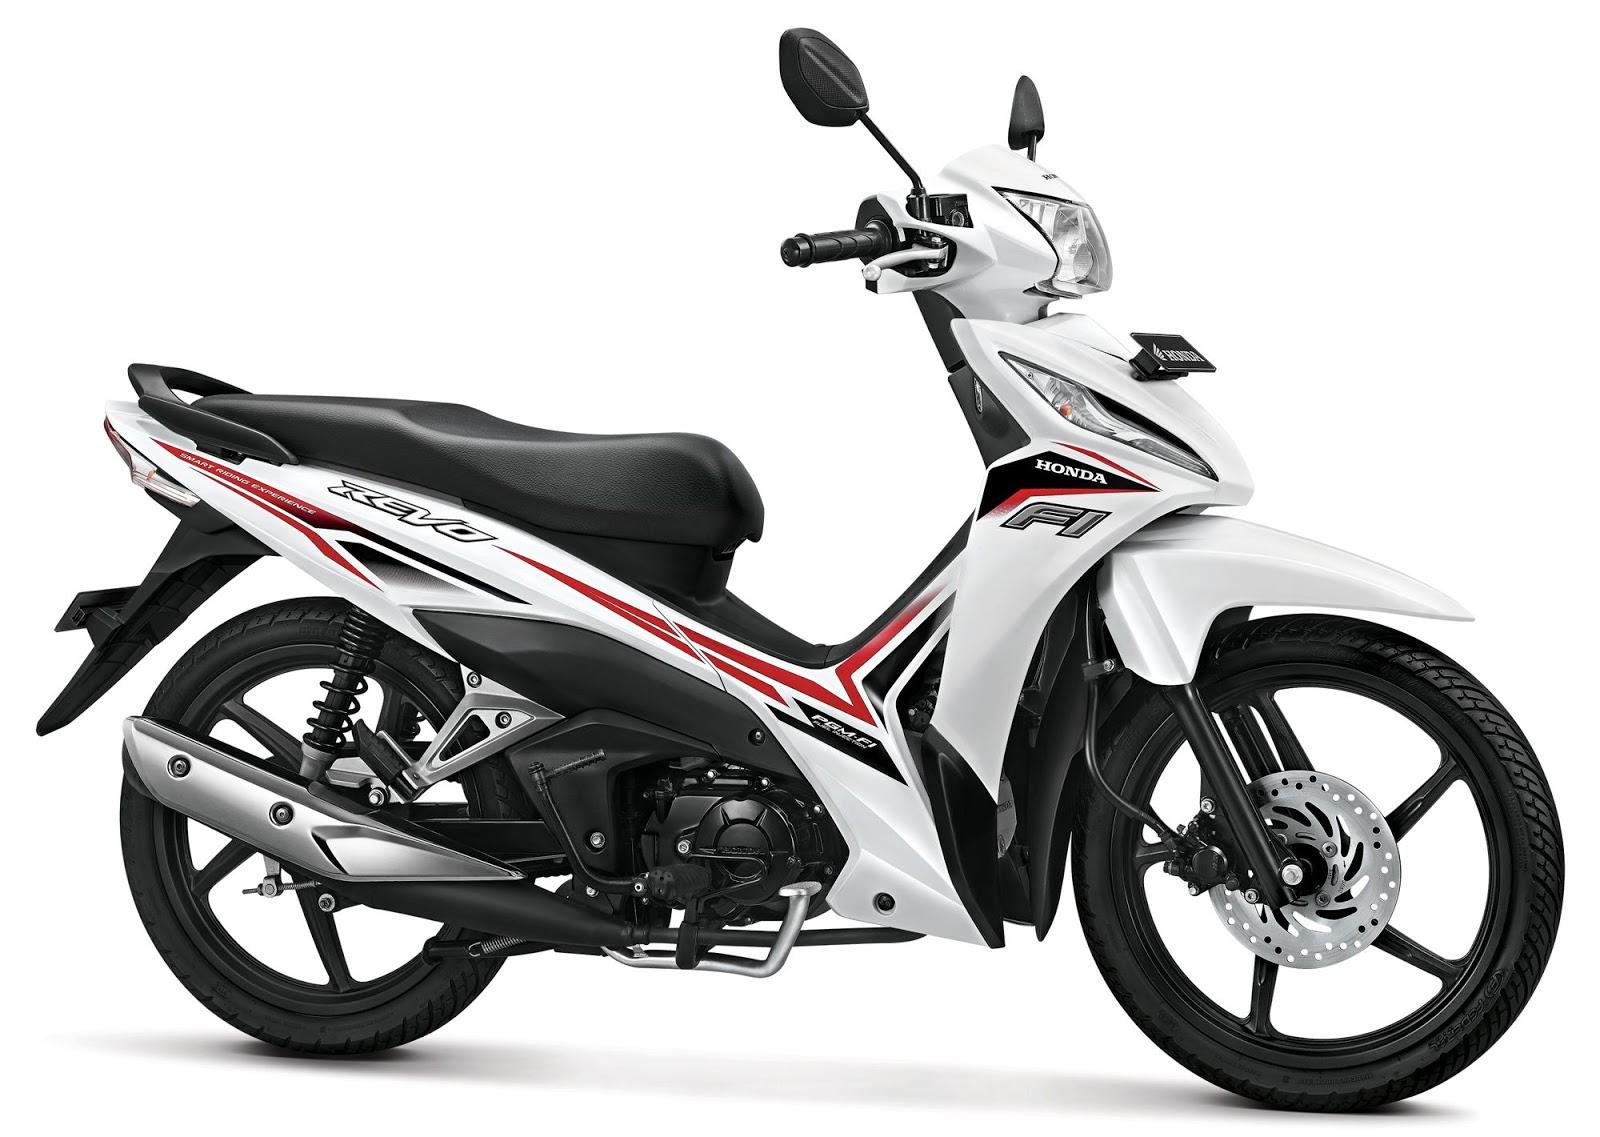 Harga Motor Honda New Revo FI dan Spesifikasi Terbaru 2018